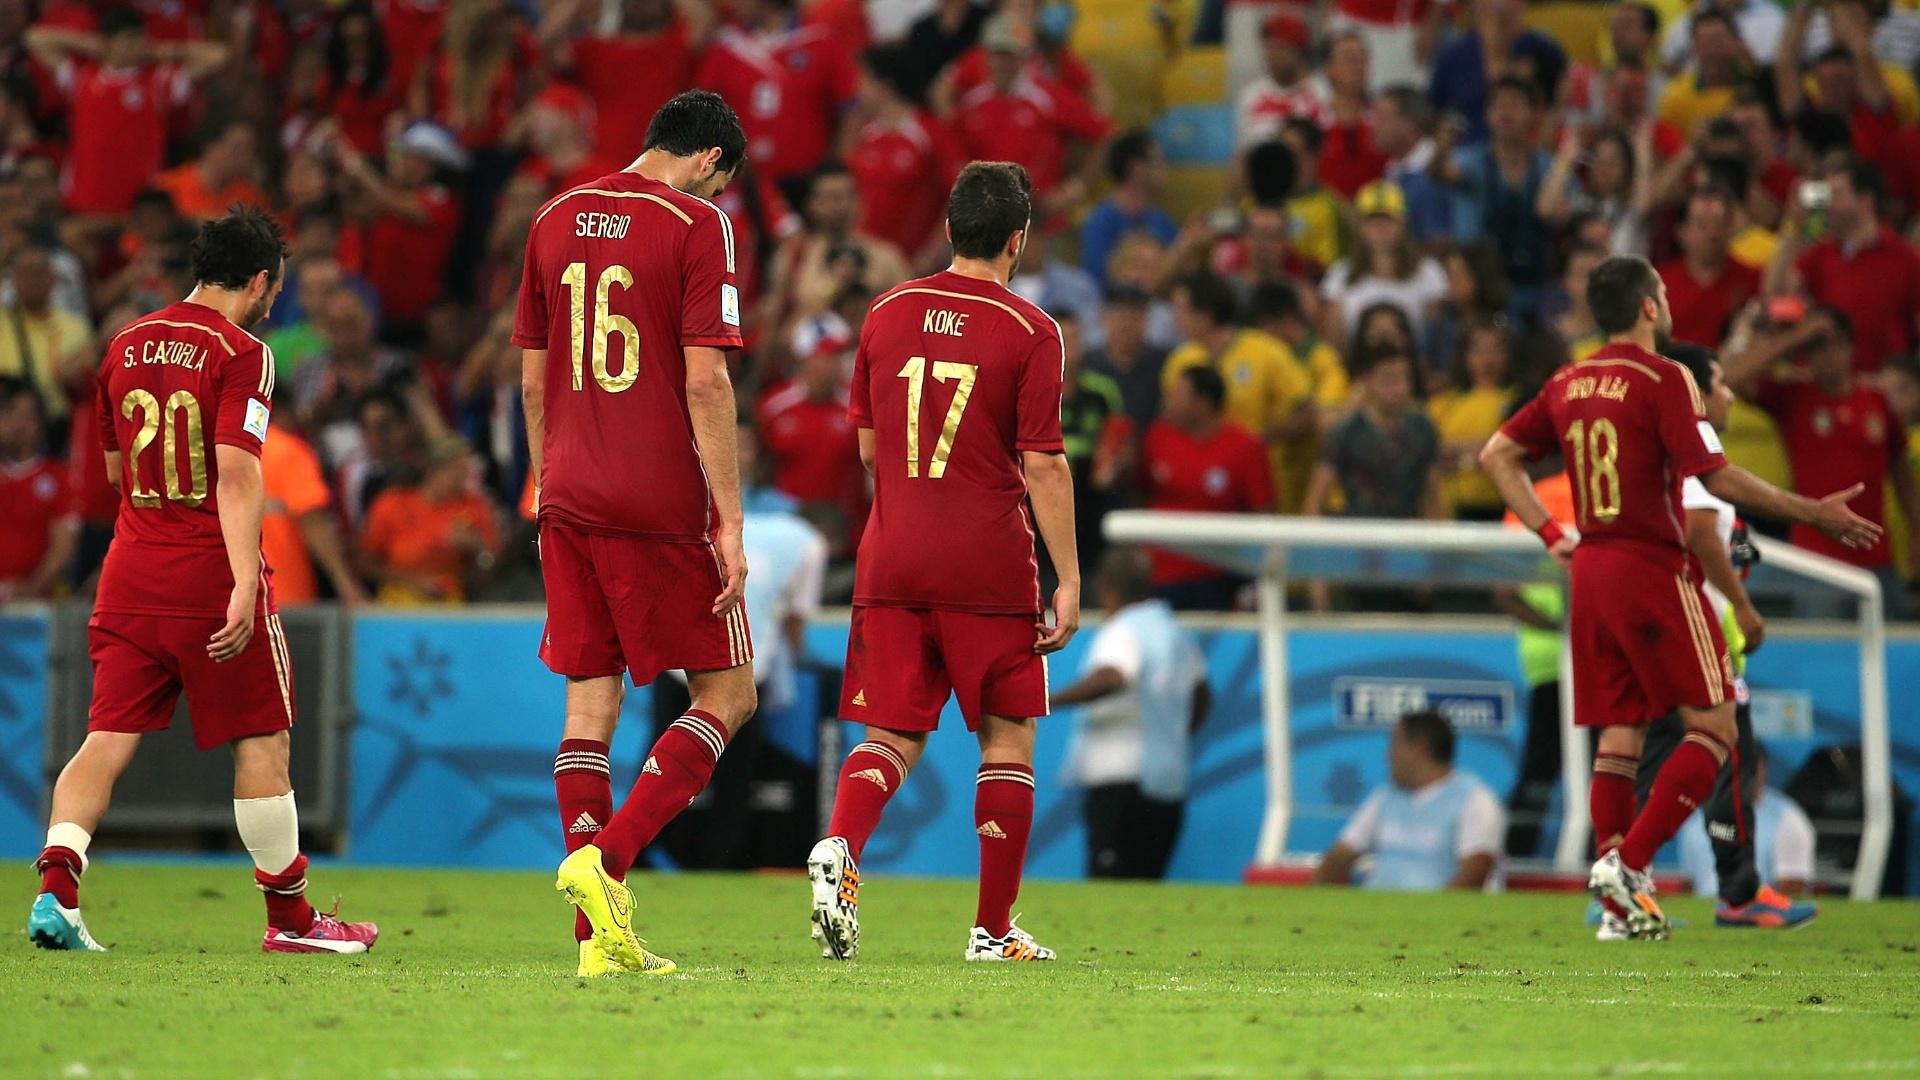 Atletas da Espanha demonstram abatimento após a derrota para o Chile por 2 a 0, no Maracanã